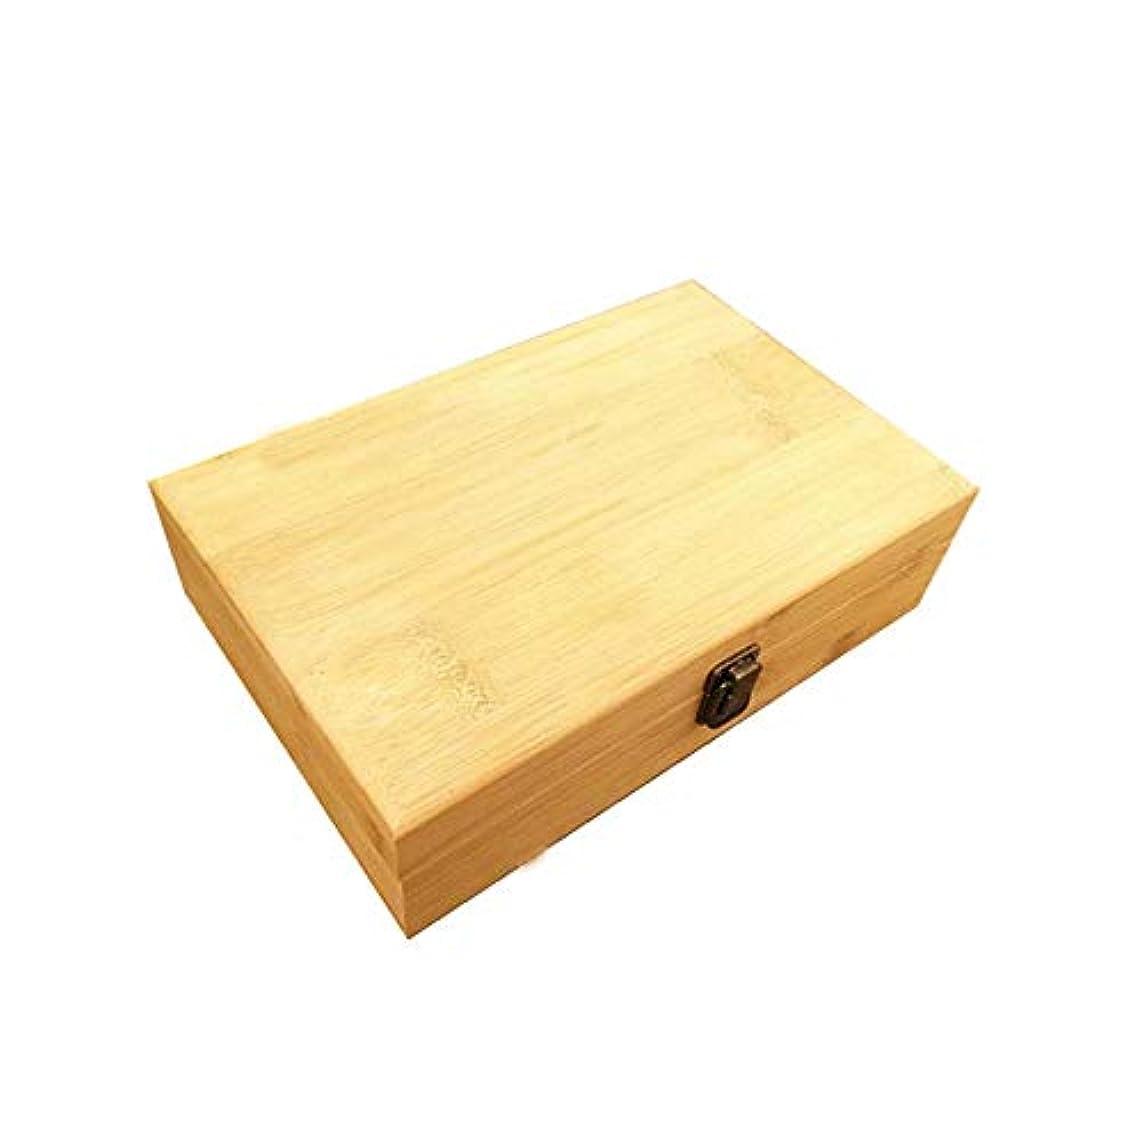 静かにネーピア宝石エッセンシャルオイル収納ボックス 40スロットエッセンシャルオイルボックス木製収納ケースは、40本のボトルエッセンシャルオイルスペースセーバー29x18.5x8cm成り立ちます (色 : Natural, サイズ : 29X18.5X8CM)